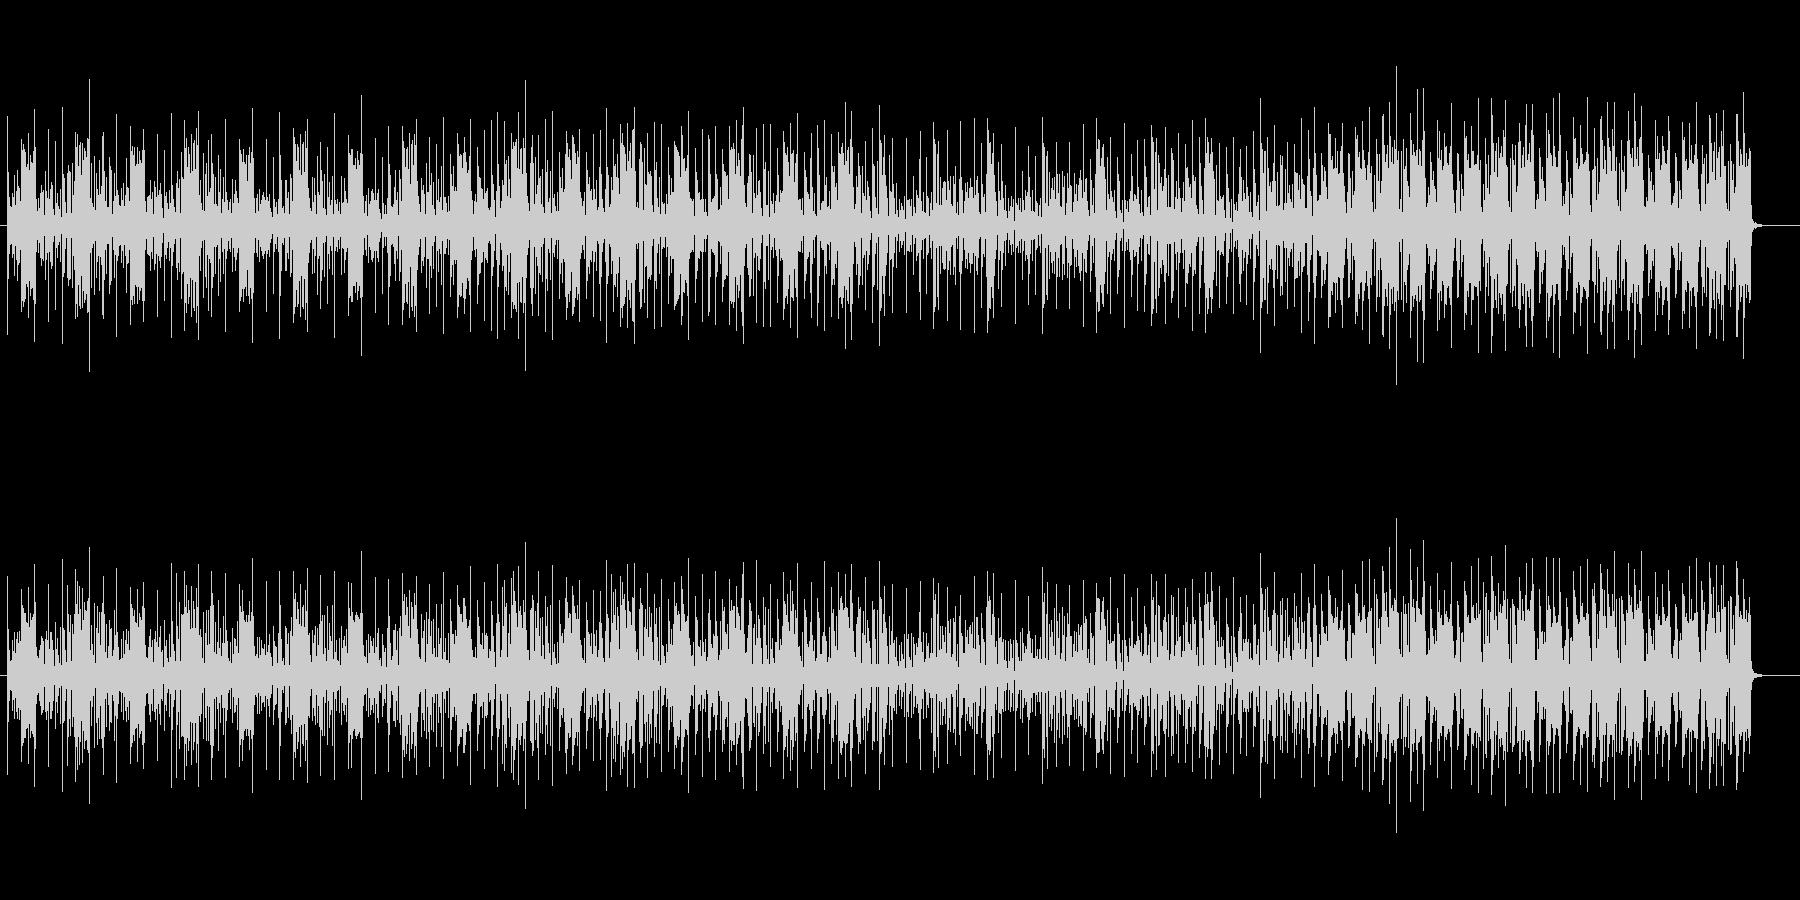 重低音が響く空間的なテクノの曲の未再生の波形